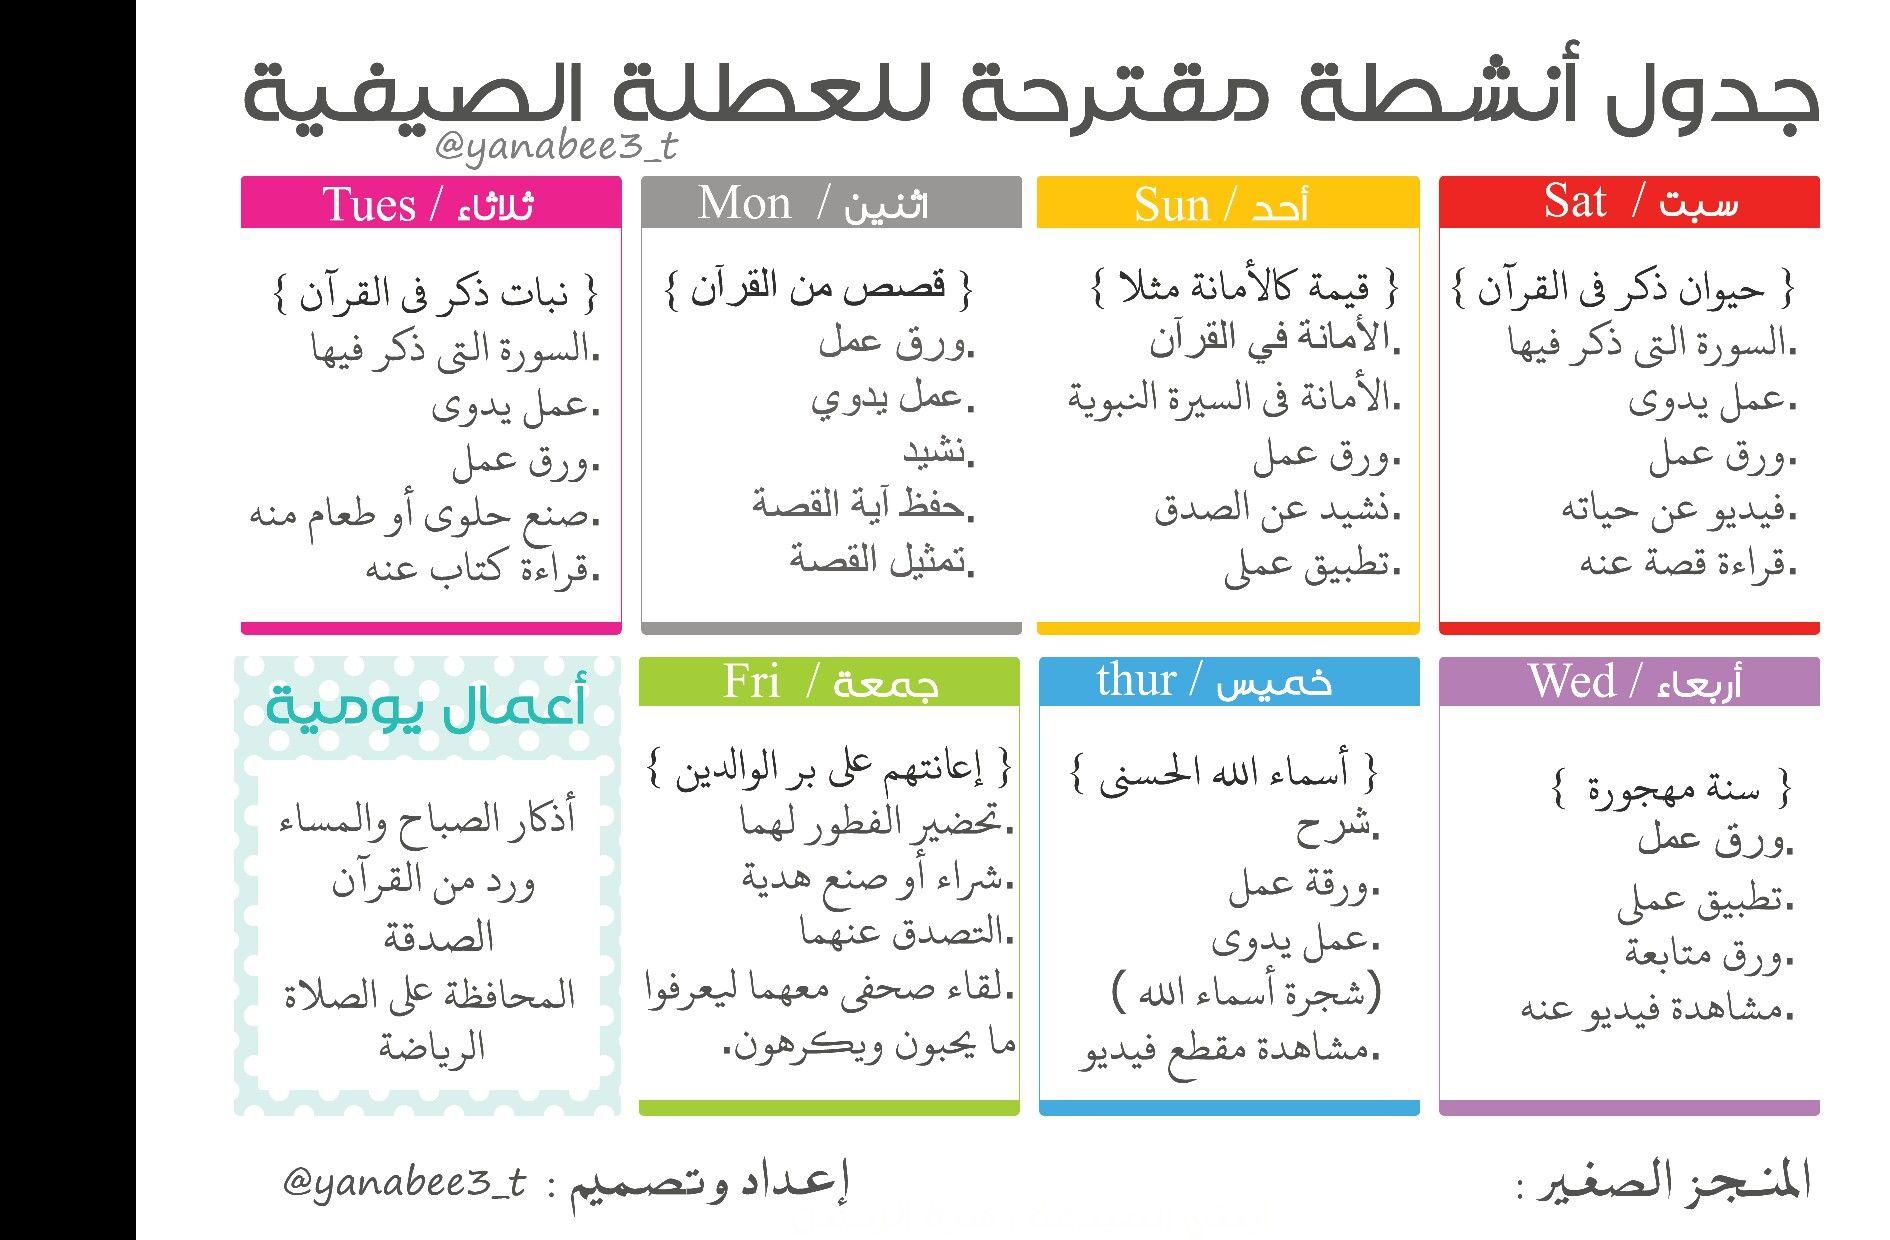 جدول مقترح من إعدادي لرمضان والعطلة الحمد لله Kids Planner Daily Planner Printable Kids Vacation